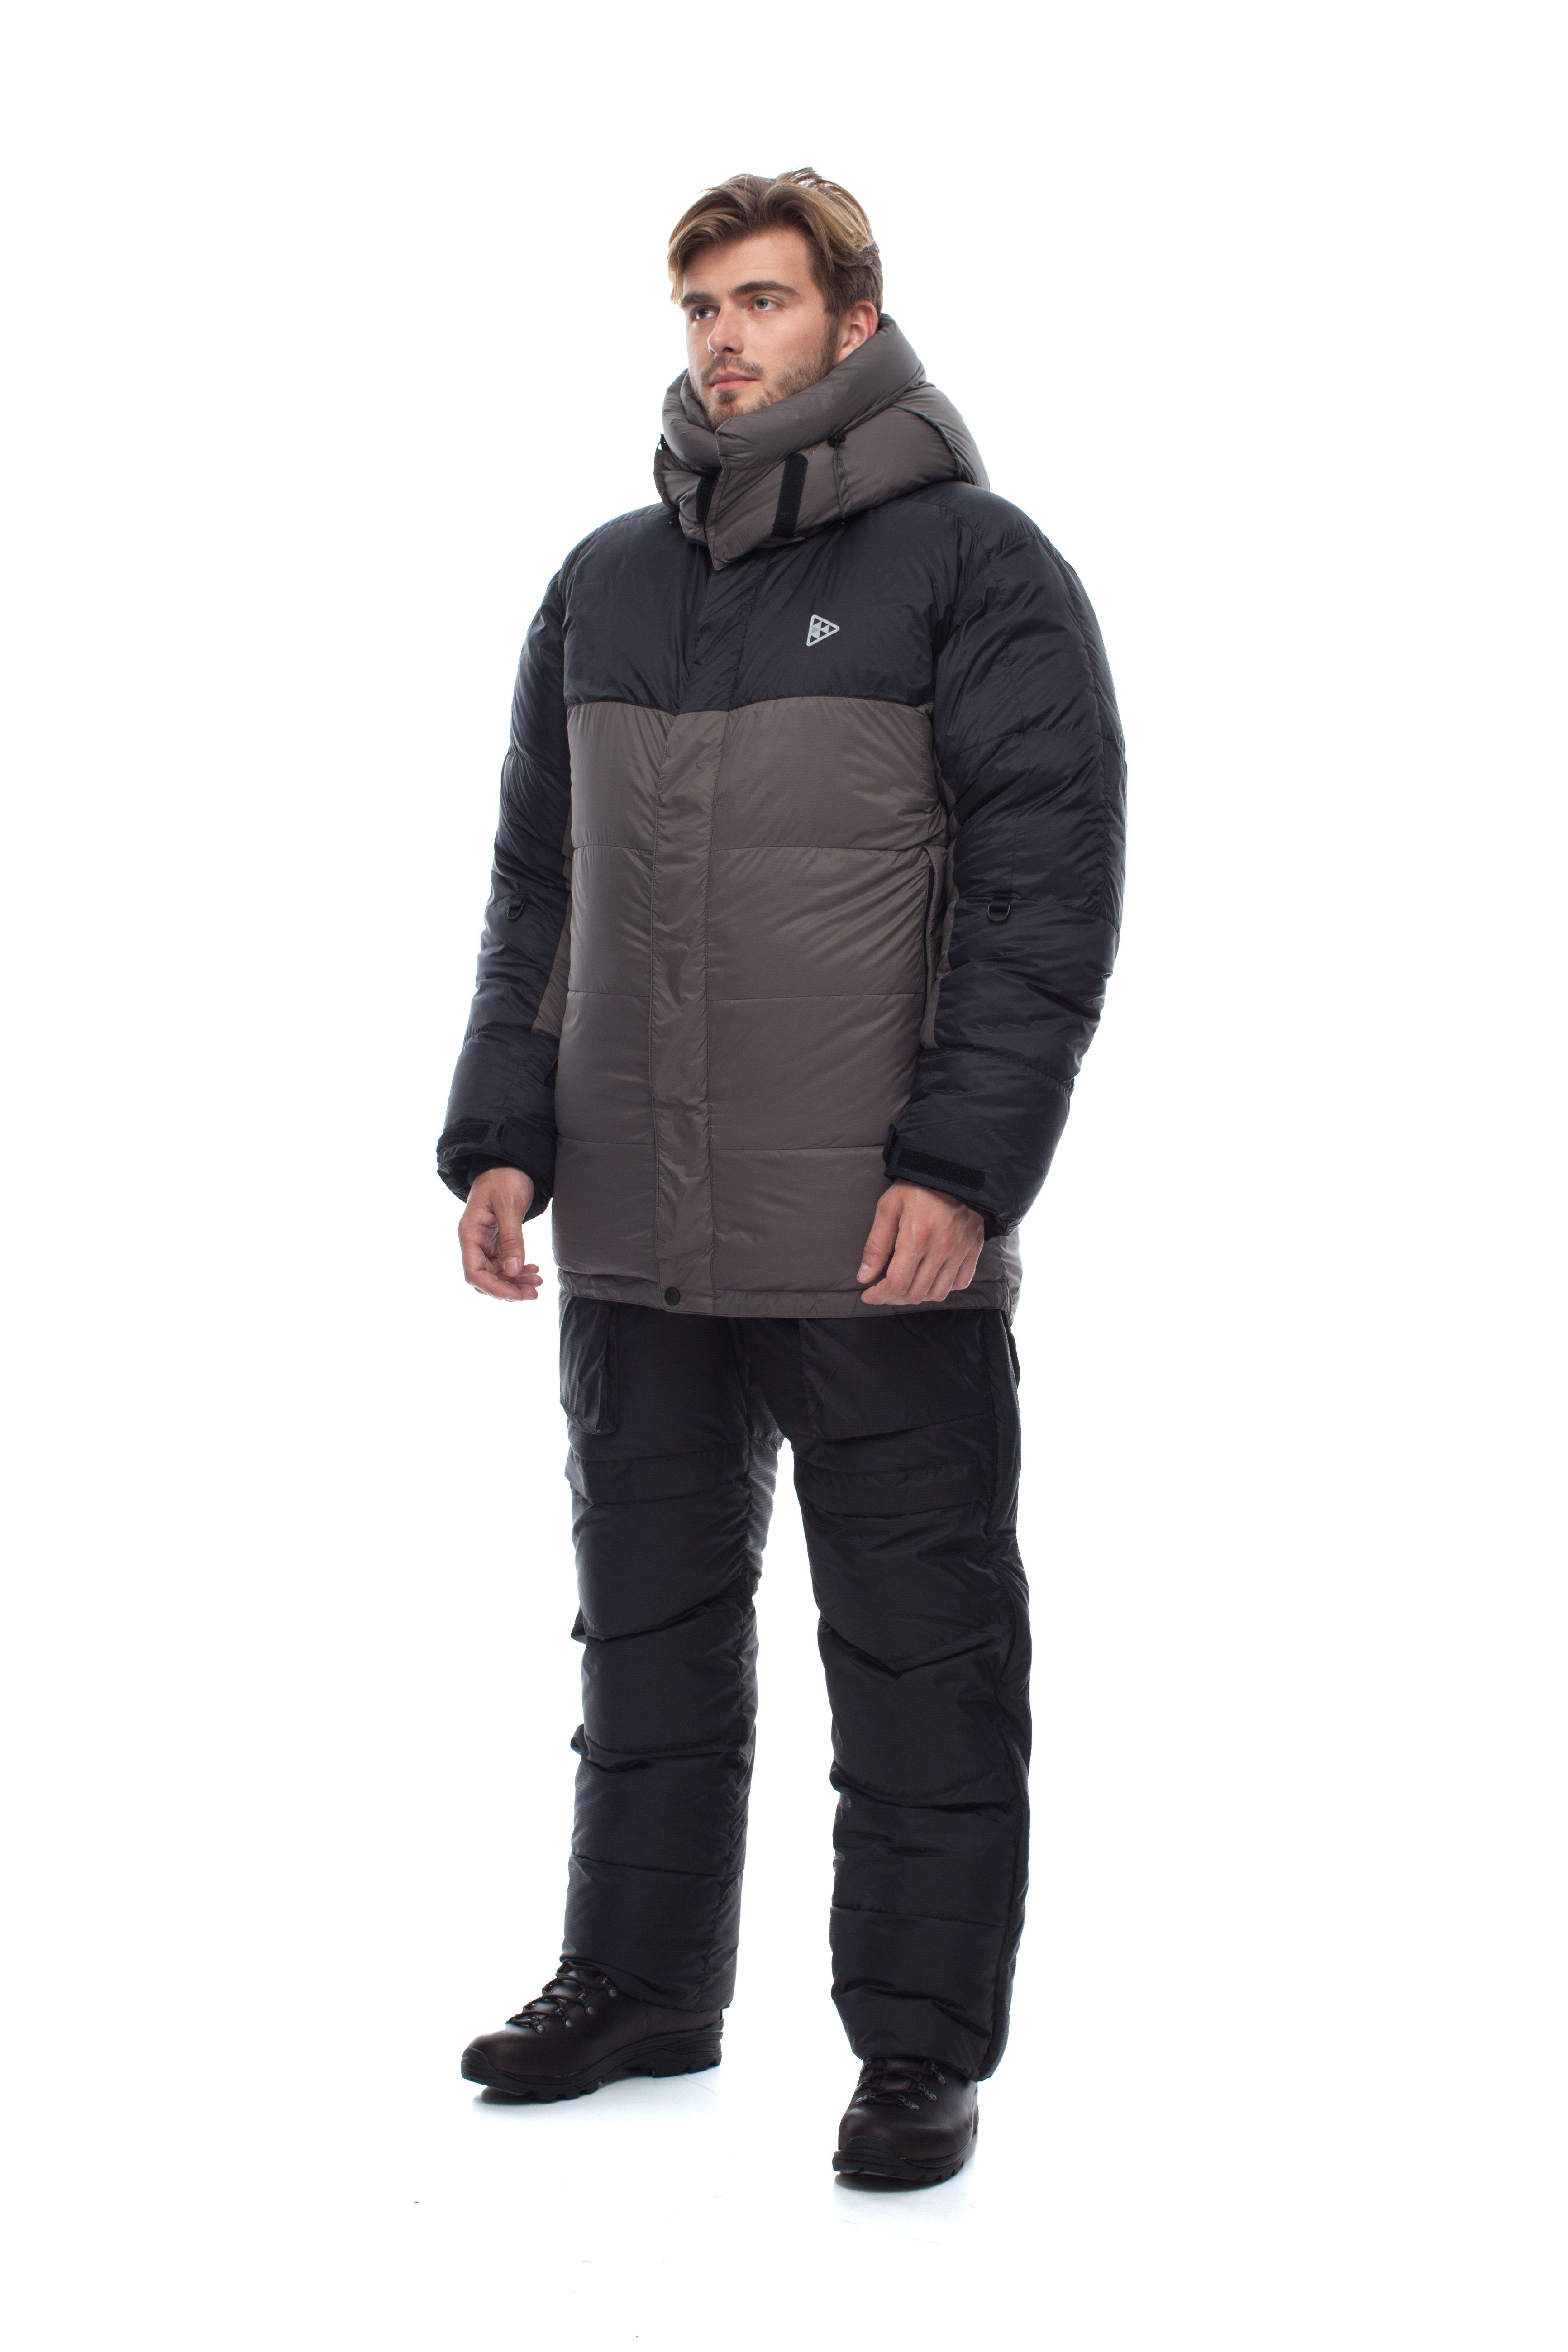 Пуховая куртка BASK KHAN TENGRI V6 PRO 3324CКуртки<br><br><br>Верхняя ткань: Advance® Perfomance<br>Вес граммы: 1200<br>Вес утеплителя: 540<br>Ветро-влагозащитные свойства верхней ткани: Нет<br>Ветрозащитная планка: Да<br>Ветрозащитная юбка: Да<br>Влагозащитные молнии: Нет<br>Внутренние манжеты: Да<br>Внутренняя ткань: Advance® Classic<br>Водонепроницаемость: 1000<br>Дублирующий центральную молнию клапан: Да<br>Защитный козырёк капюшона: Нет<br>Капюшон: Съемный<br>Карман для средств связи: Да<br>Количество внешних карманов: 3<br>Количество внутренних карманов: 2<br>Мембрана: Advance MPC<br>Объемный крой локтевой зоны: Да<br>Отстёгивающиеся рукава: Нет<br>Паропроницаемость: 7000<br>Показатель Fill Power (для пуховых изделий): 810<br>Пол: Мужской<br>Проклейка швов: Нет<br>Регулировка манжетов рукавов: Да<br>Регулировка низа: Да<br>Регулировка объёма капюшона: Да<br>Регулировка талии: Да<br>Регулируемые вентиляционные отверстия: Нет<br>Световозвращающая лента: Нет<br>Температурный режим: -35<br>Технология Thermal Welding: Нет<br>Технология швов: Теплые и закрытые<br>Тип утеплителя: Натуральный<br>Ткань усиления: Advance® Perfomance<br>Усиление контактных зон: Да<br>Утеплитель: Гусиный пух<br>Размер RU: 46<br>Цвет: КРАСНЫЙ